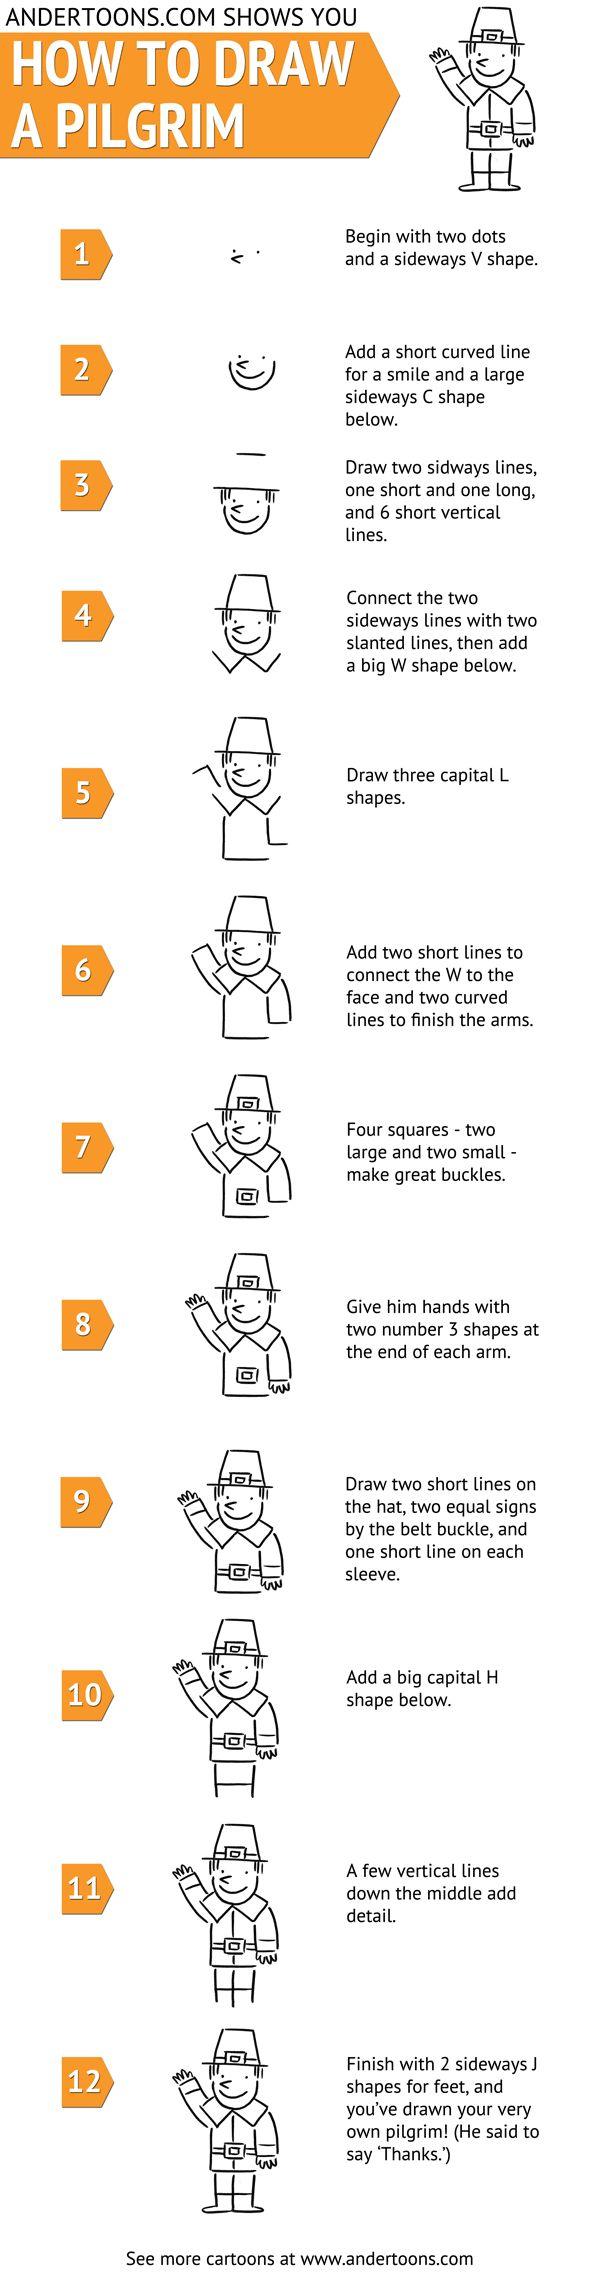 How to draw a cartoon pilgrim